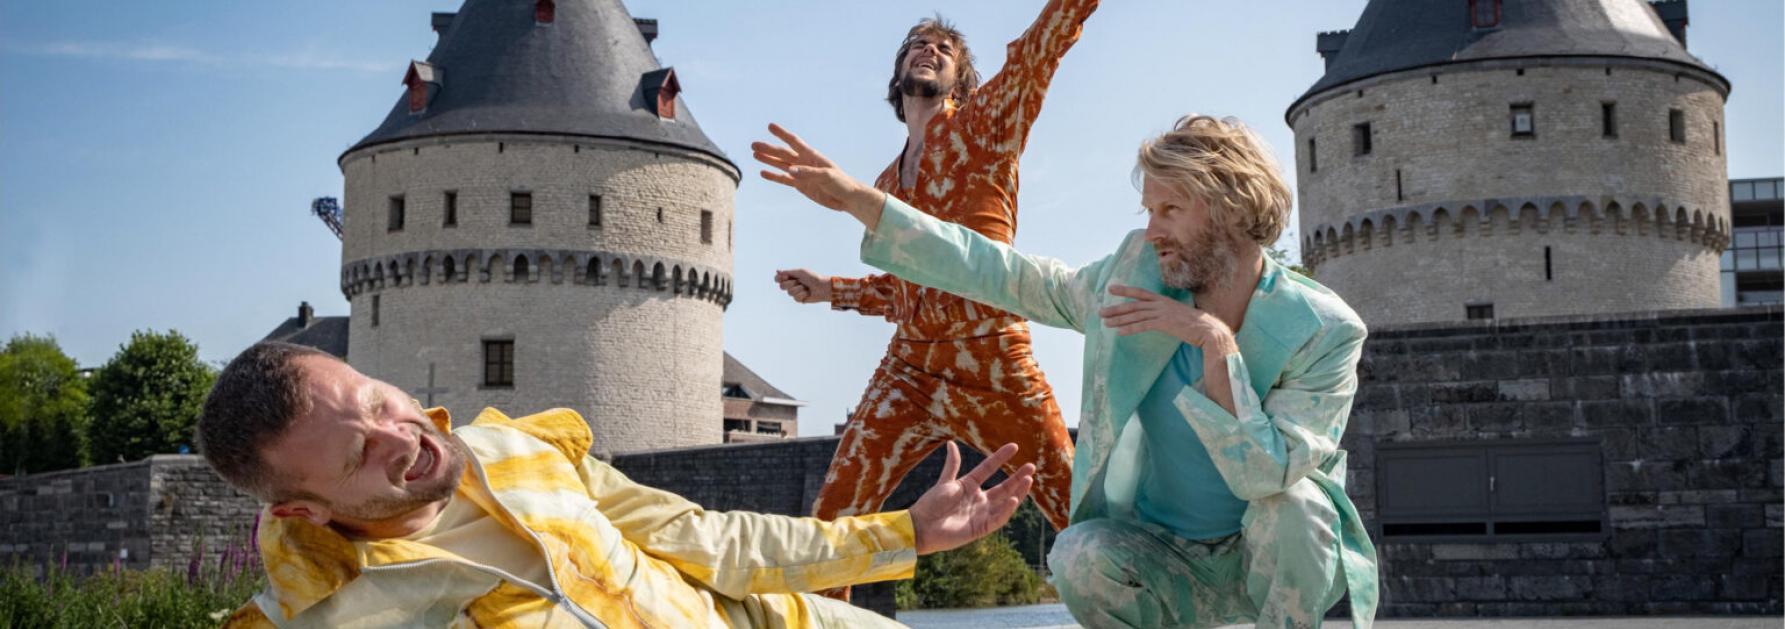 Dansers in Kortrijk